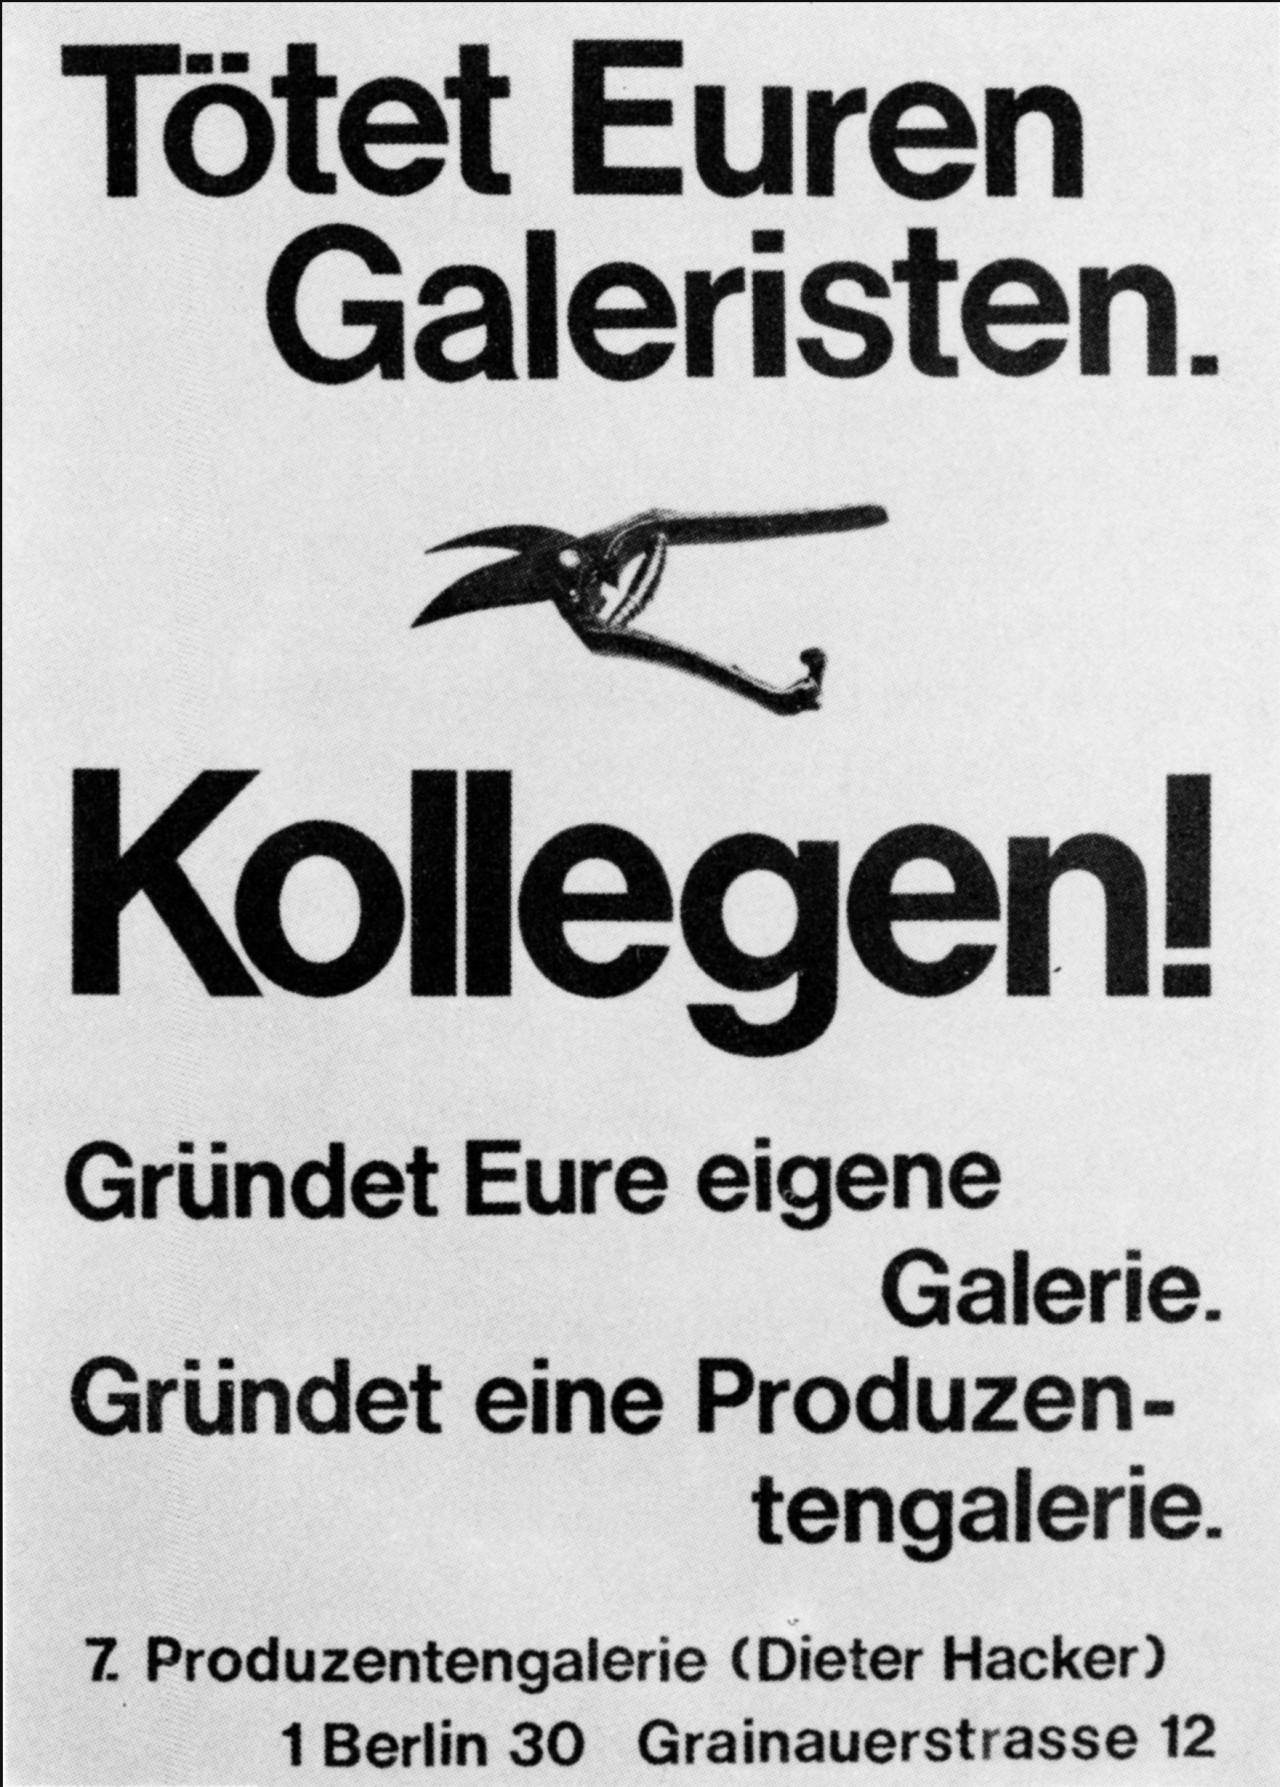 Bild einer Gartenschere sowie der Text: Tötet Euren Galeristen. Kollegen! Gründet Eure eigene Produzentengalerie.